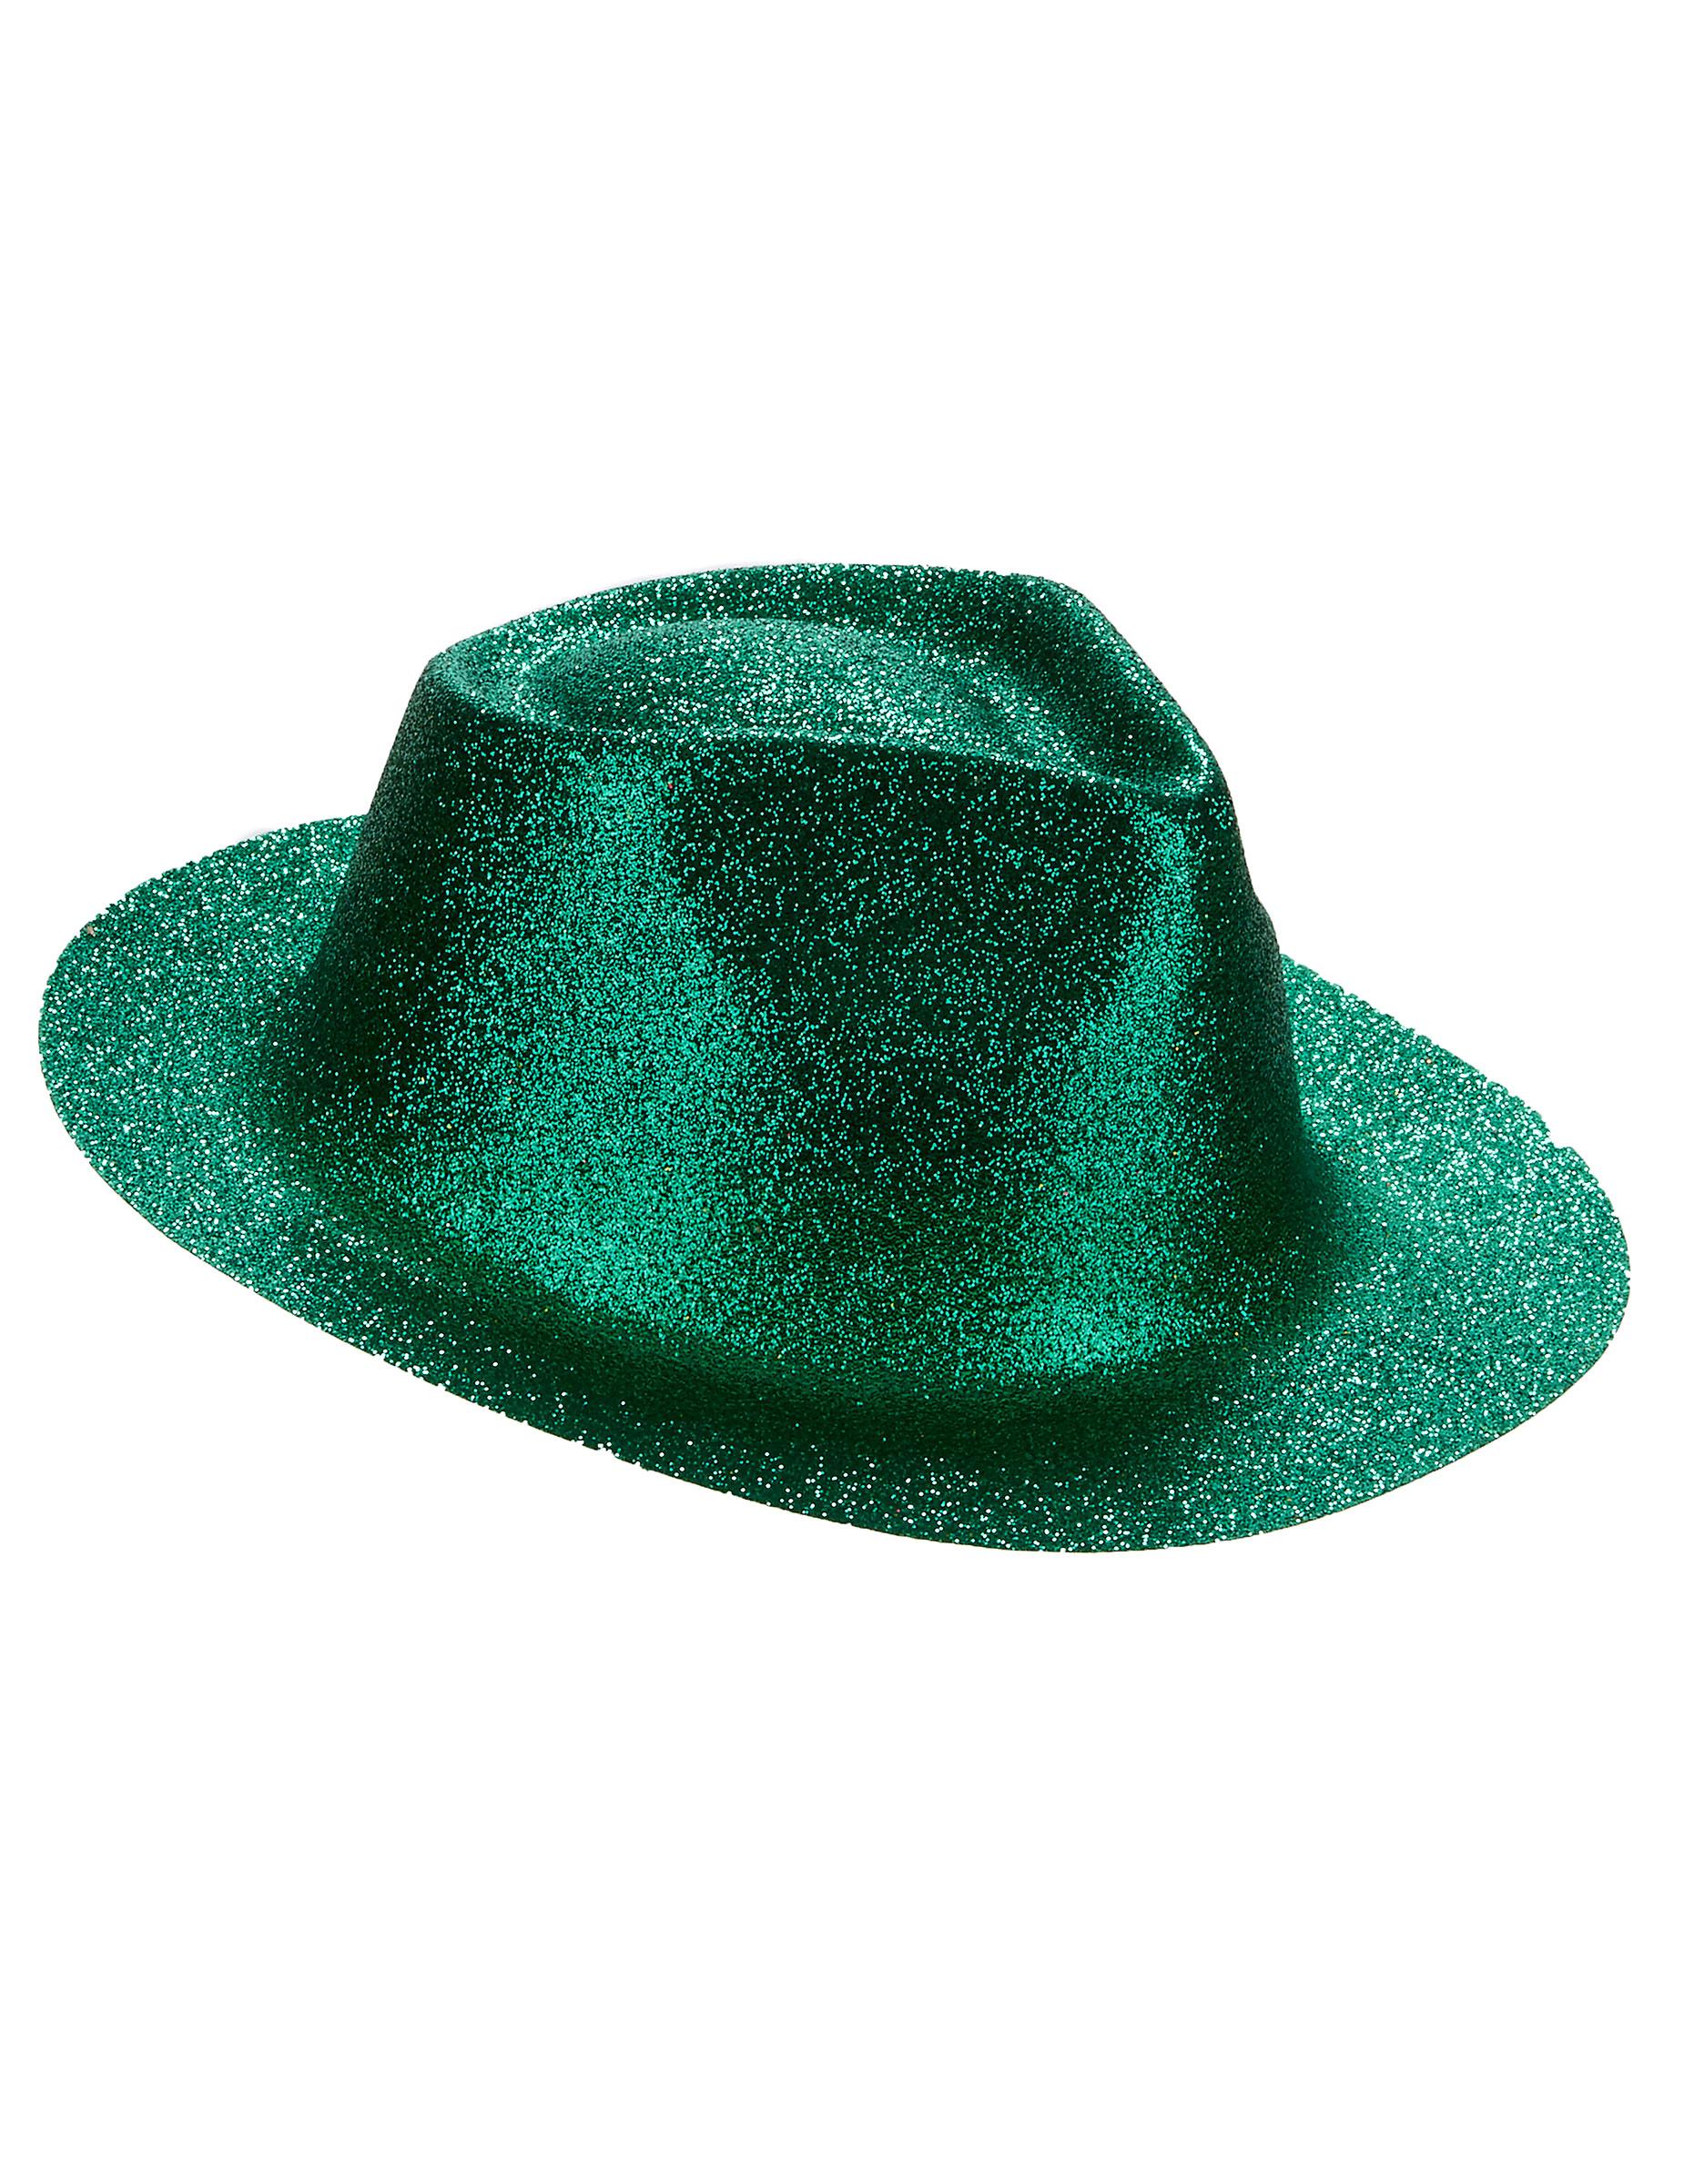 Glitzernder Erwachsenen Hut Grun Hute Und Gunstige Faschingskostume